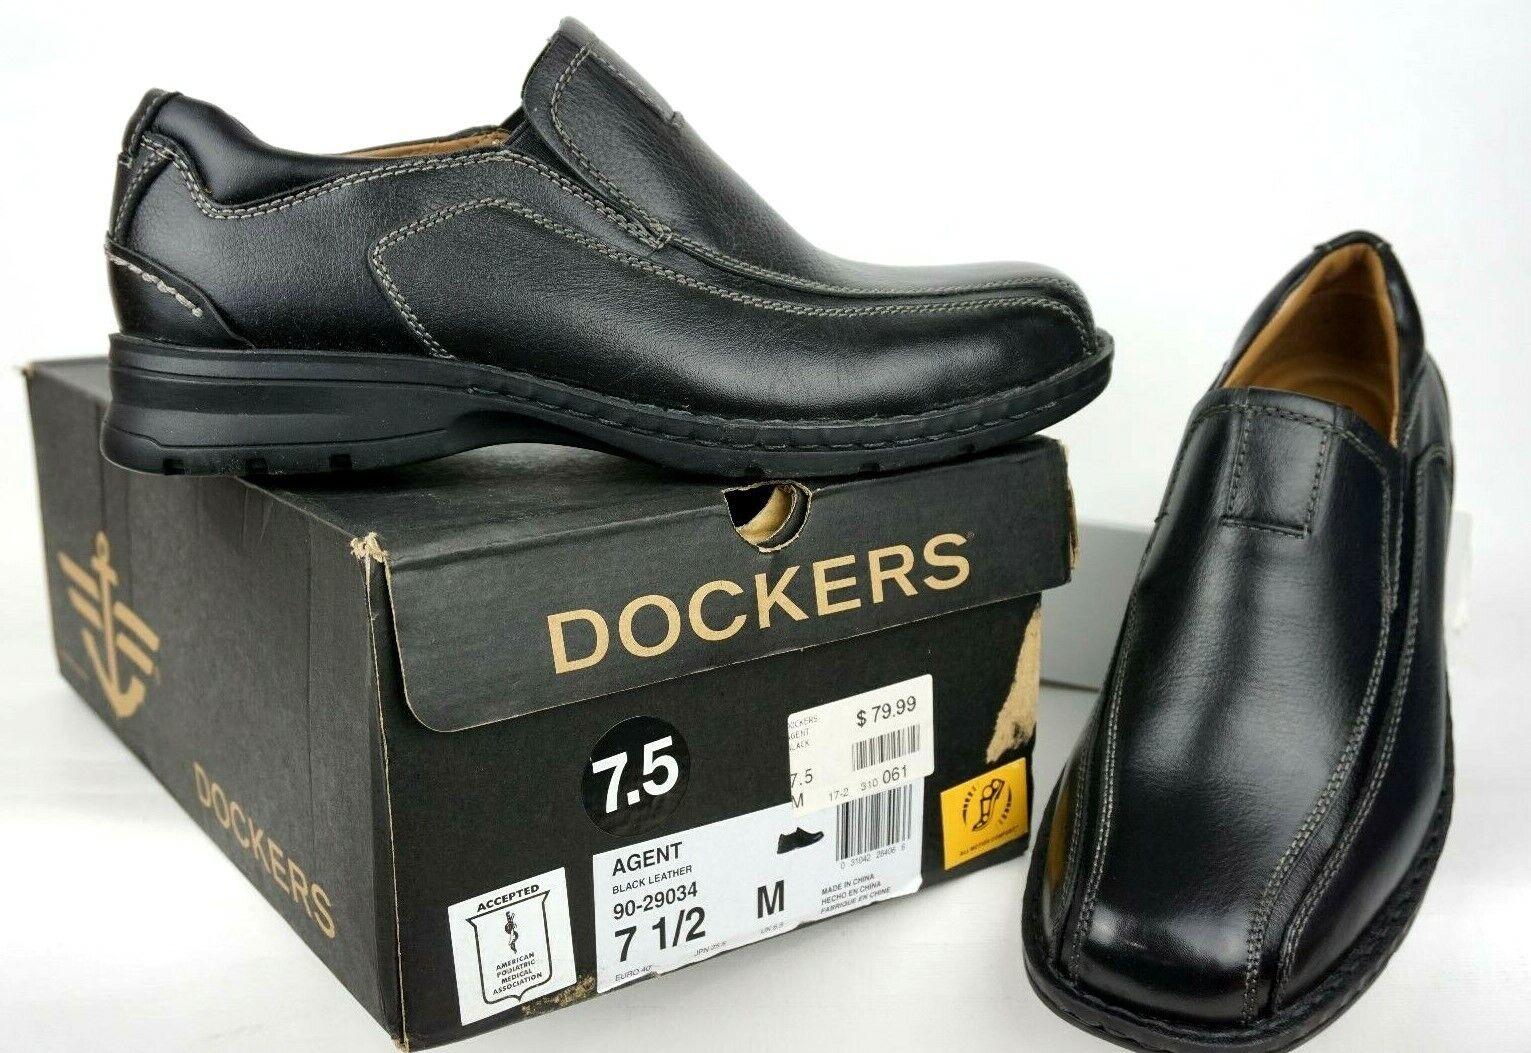 Homme Dockers Agent Slip-on Chaussures 90-29034 Cuir Noir Homme SZ 7.5 m US 40 eur